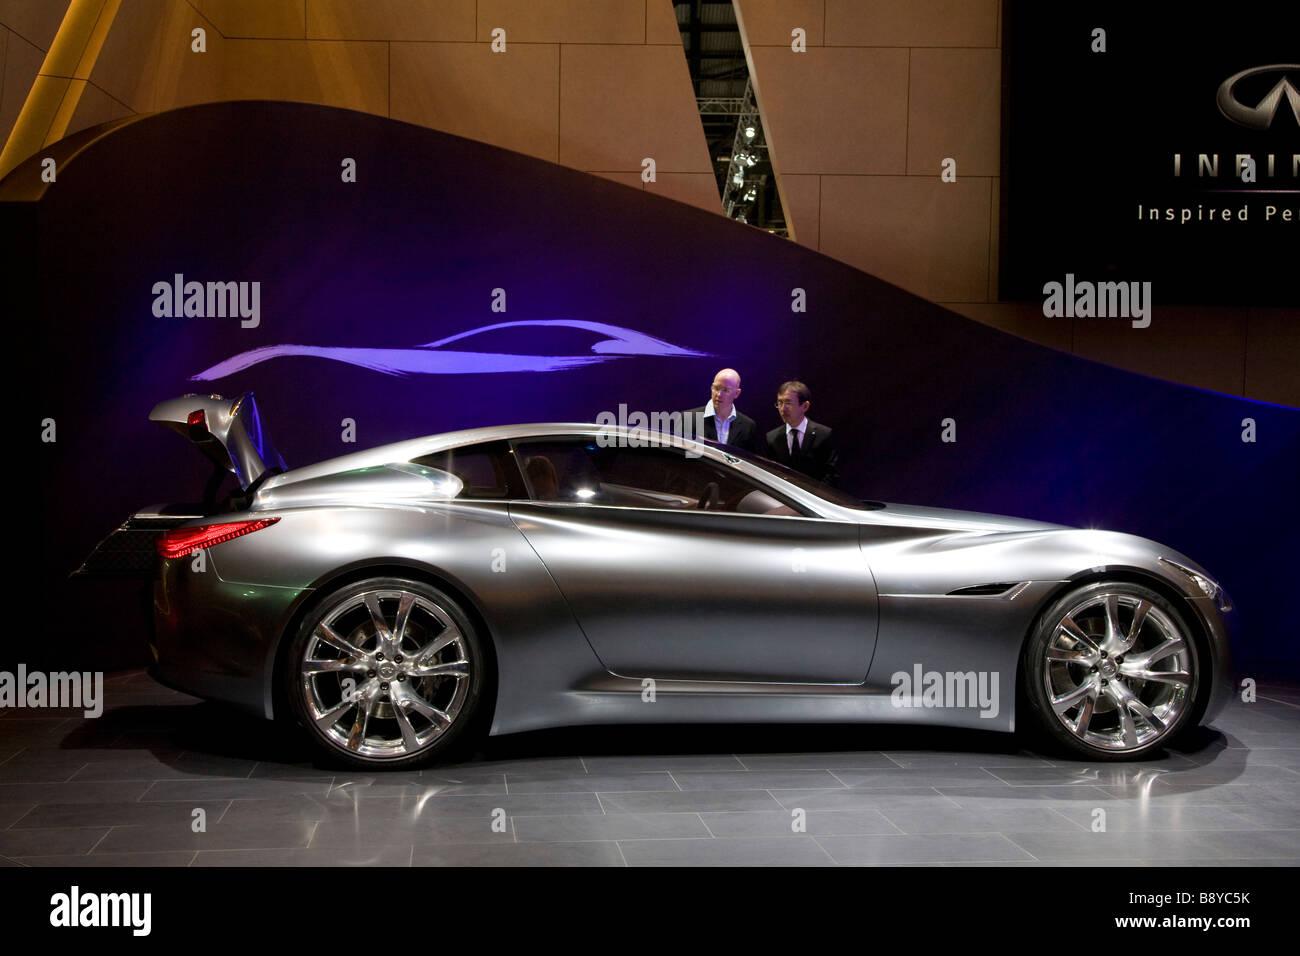 Infiniti Essence auf einem europäischen motor Show gezeigt. Stockbild